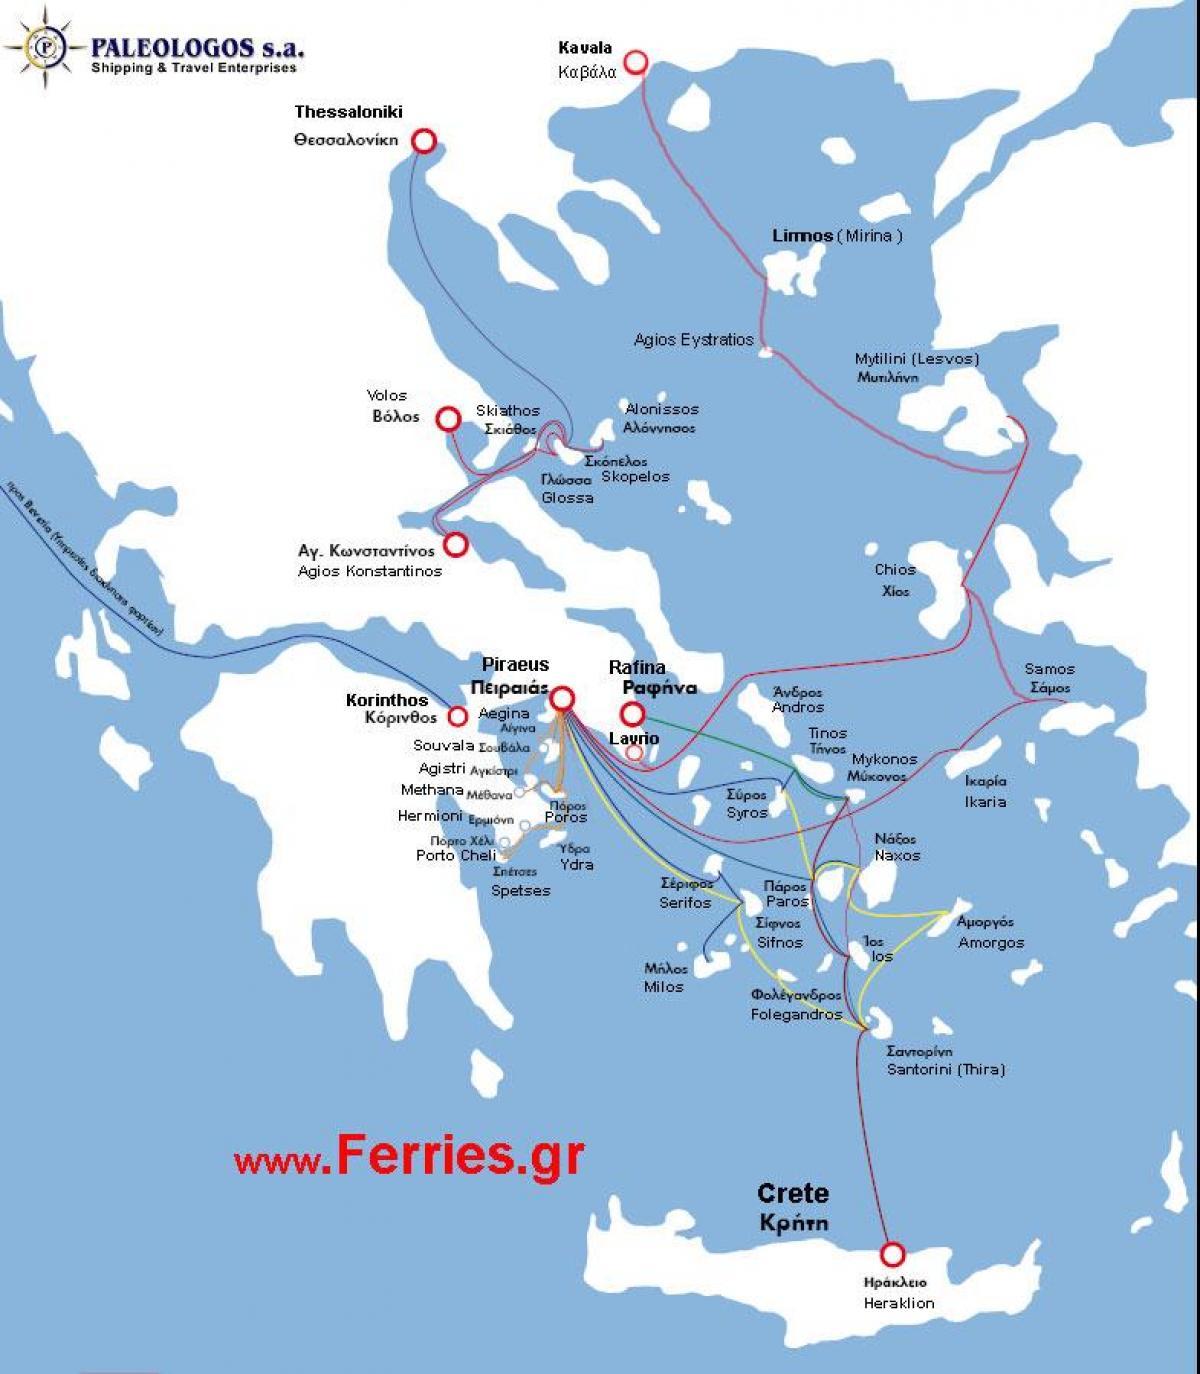 fährverbindungen griechenland karte Die Griechische Insel Fährverbindungen Karte   Landkarte